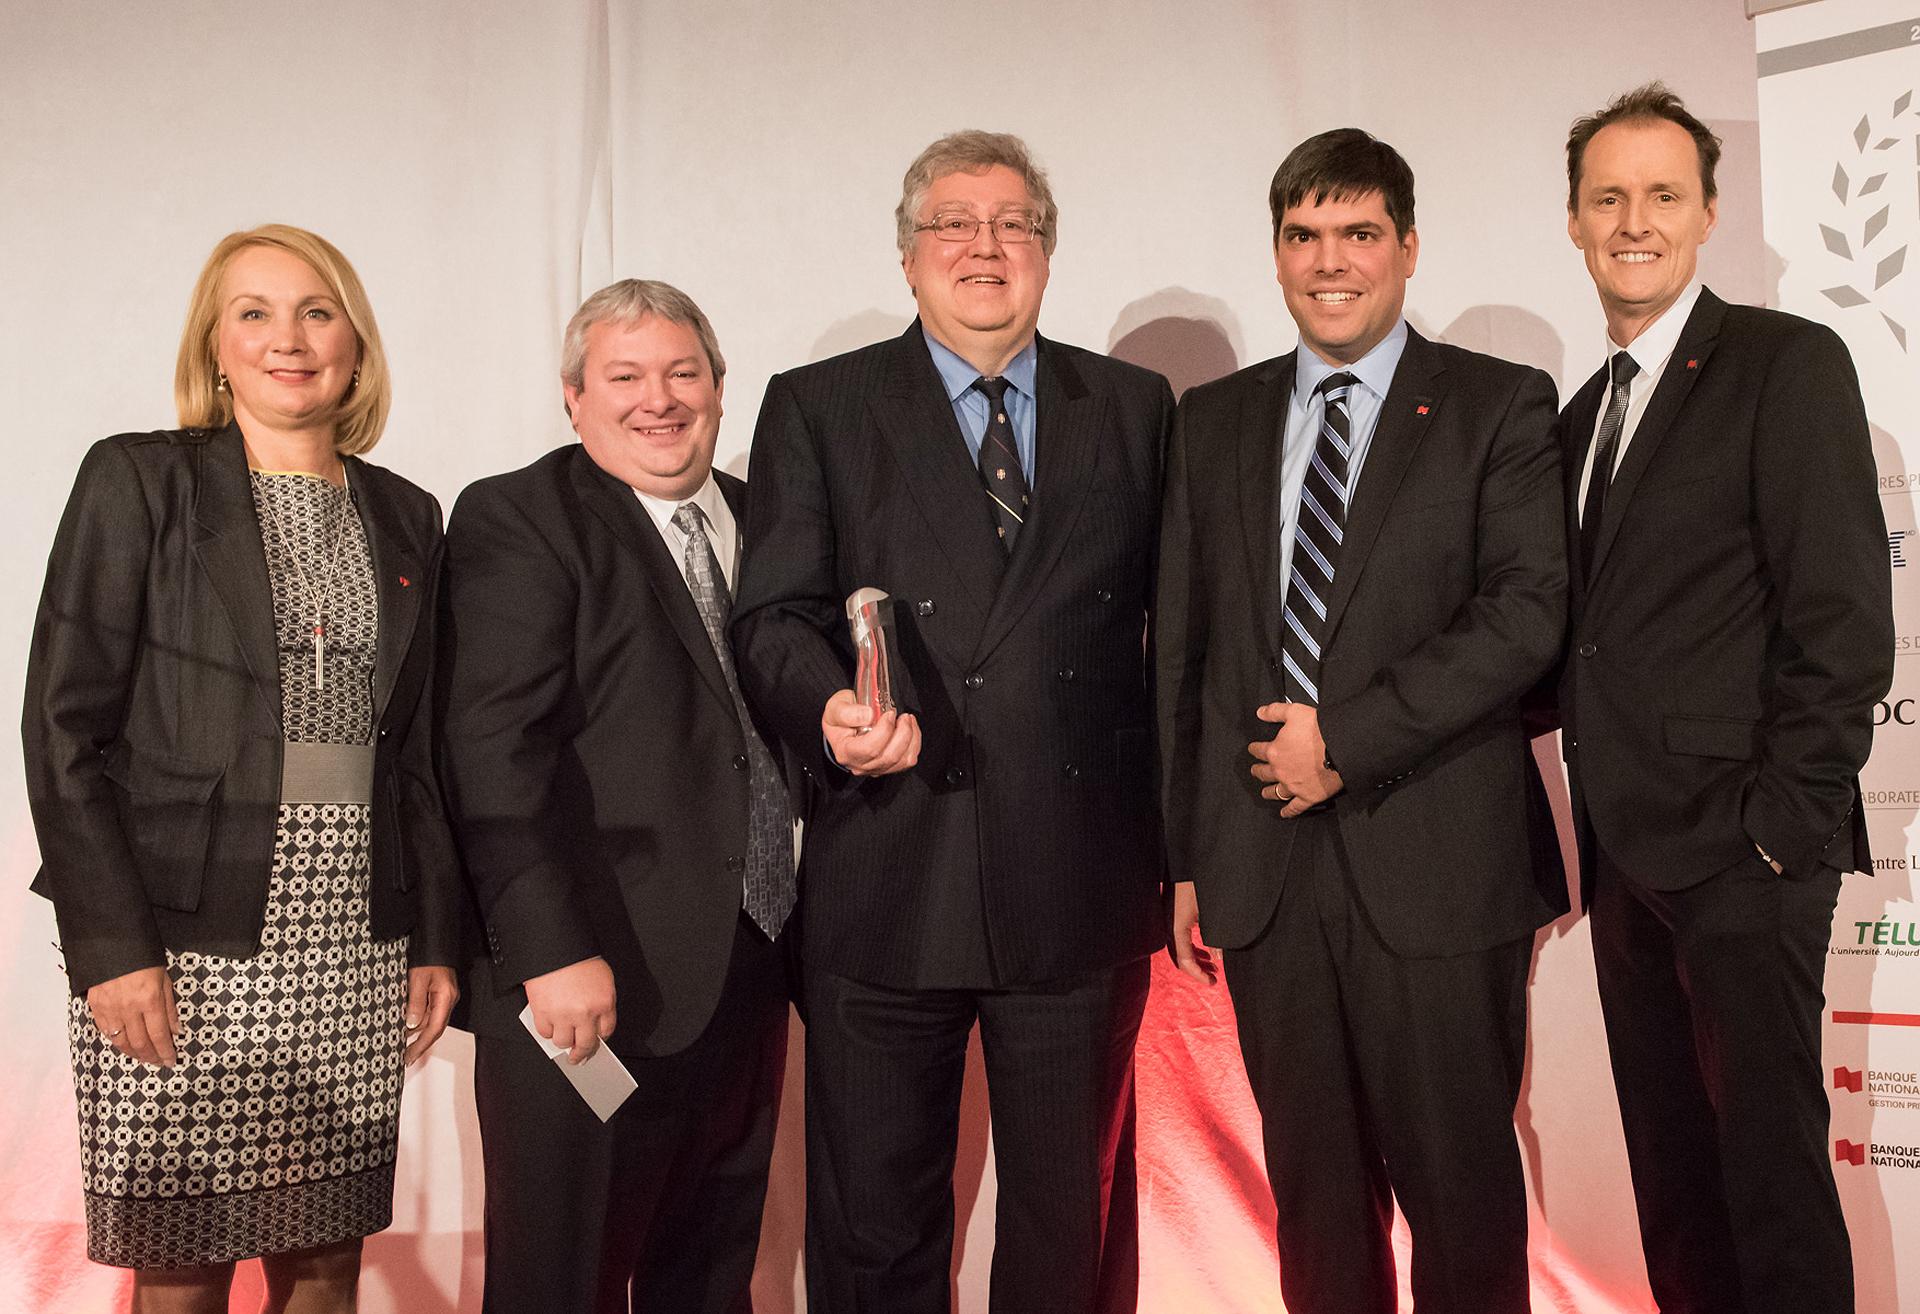 Cinq personnes sourient à la caméra suite à la remise du prix Lauréat Or à MEDIAL